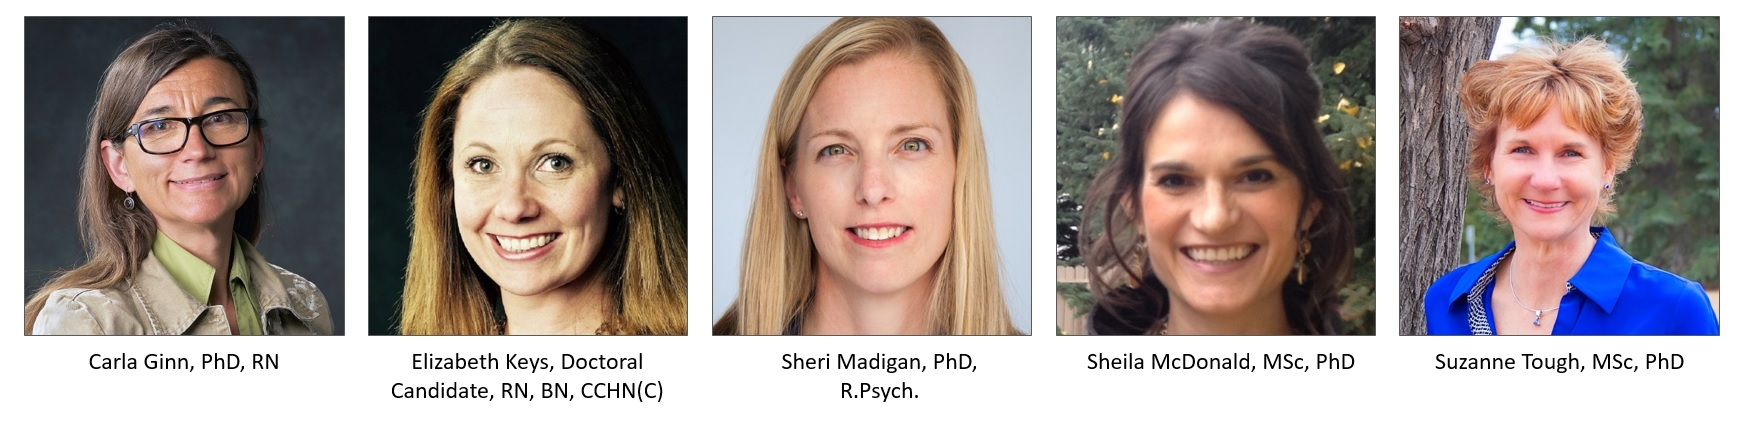 Carla Ginn, PhD, RN, Elizabeth Keys, Doctoral Candidate, RN, BN, CCHN(C), Sheri Madigan, PhD, R.Psych., Sheila McDonald, MSc, PhD, Suzanne Tough, MSc, PhD